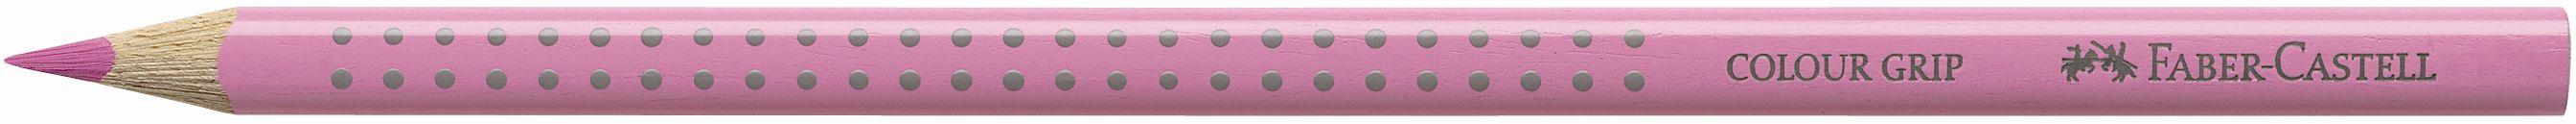 Pastelka Color Grip / 119 světlá magenta Faber Castell - Akvarelové pastelky Faber Castell - Akvarelové pastelky